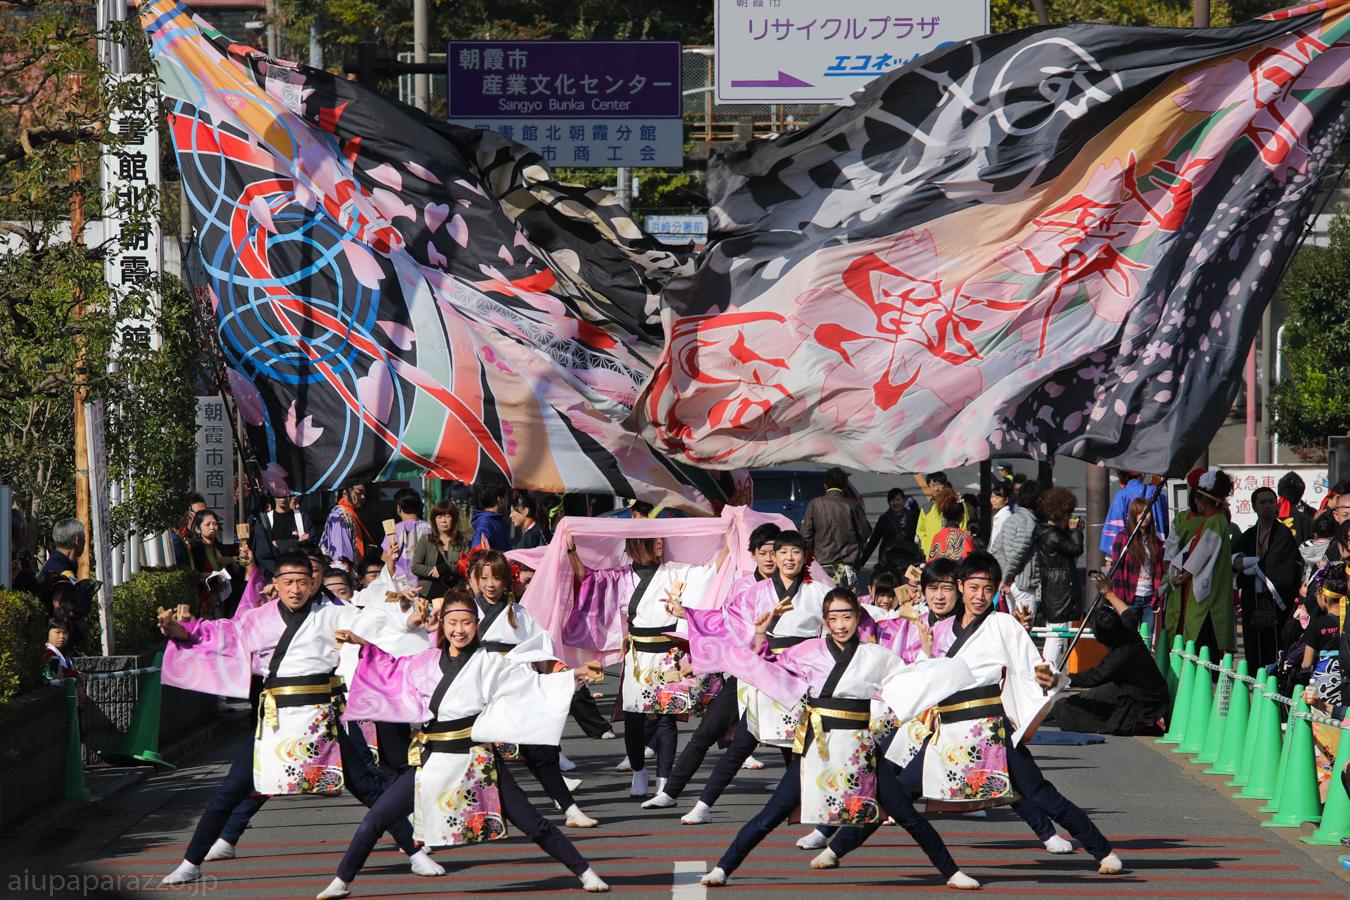 kabuki2016ran_oyachai-17.jpg